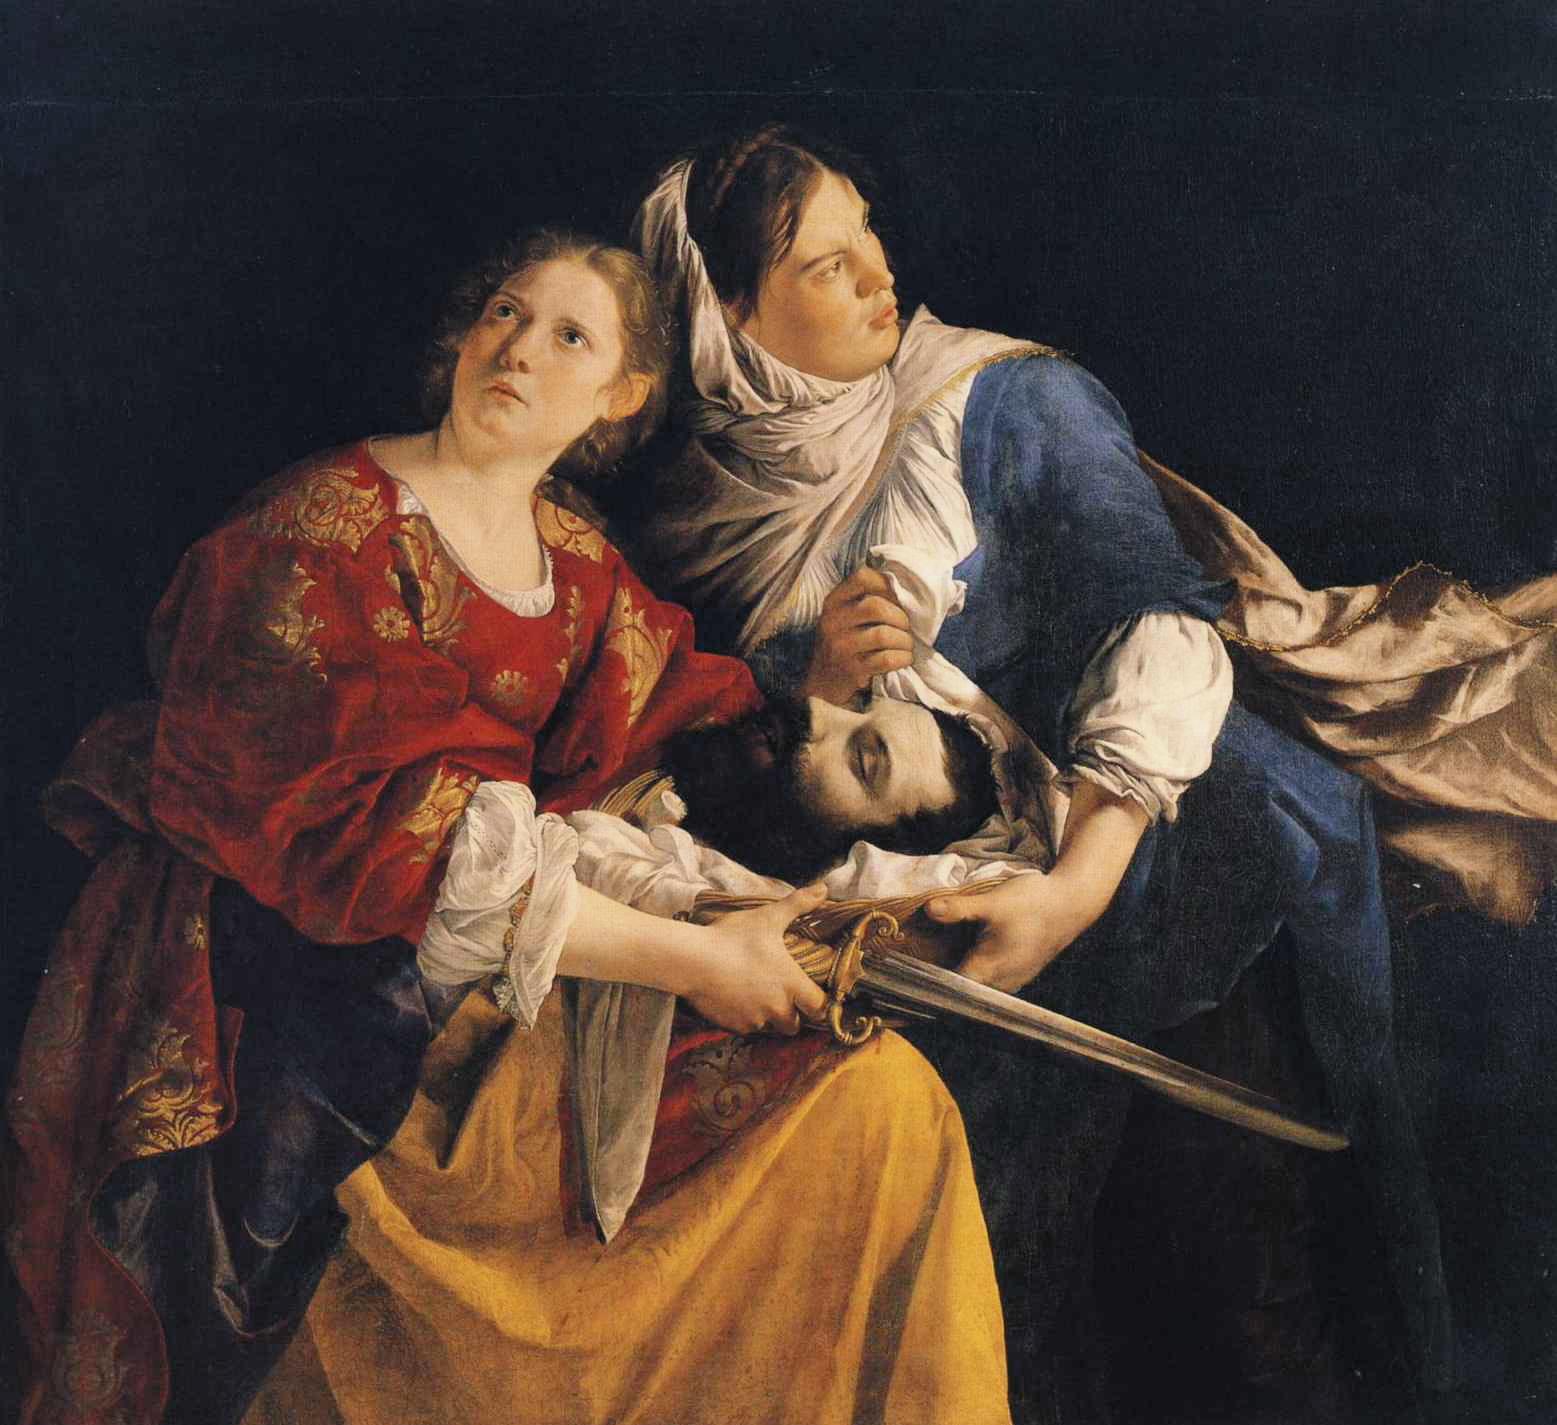 FileOrazio Gentileschi , Judith and Her Maidservant with